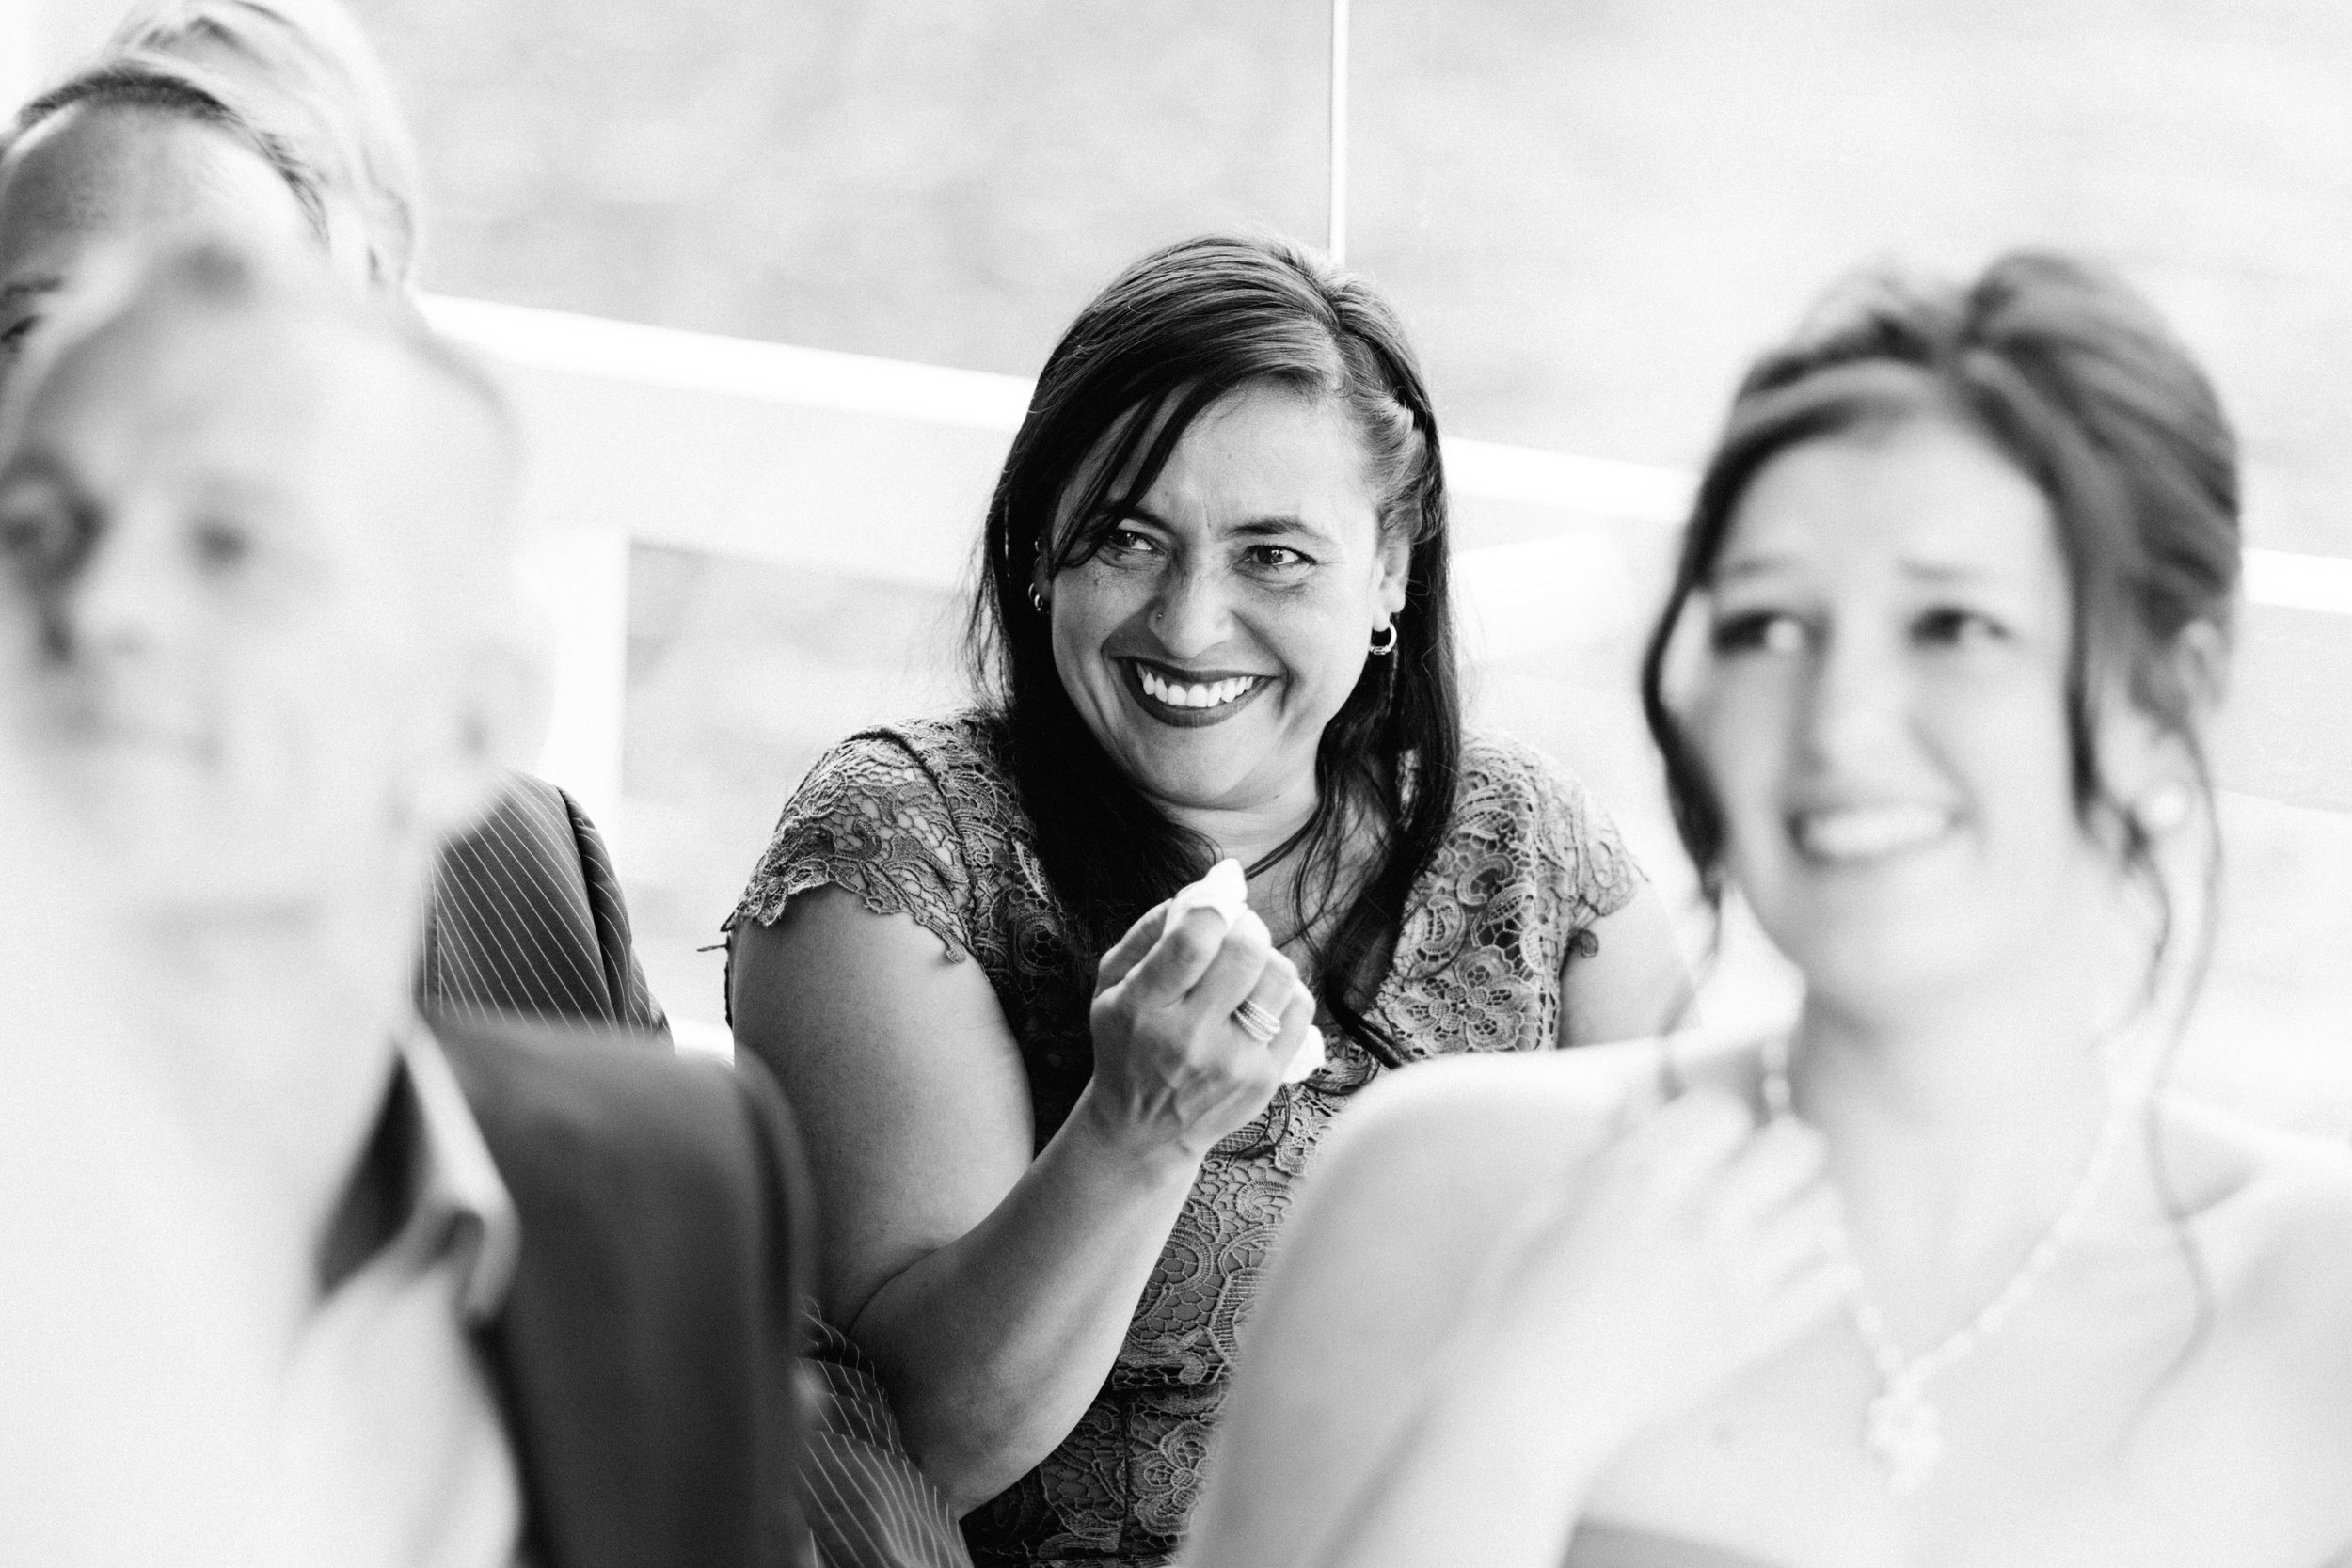 Eine Frau lacht mit Tränen in den Augen auf einer Hochzeit in Kiel an der Förde. Die Aufnahme ist in Schwarz Weiß und von Hochzeitsfotograf Phil Schreyer geschossen.